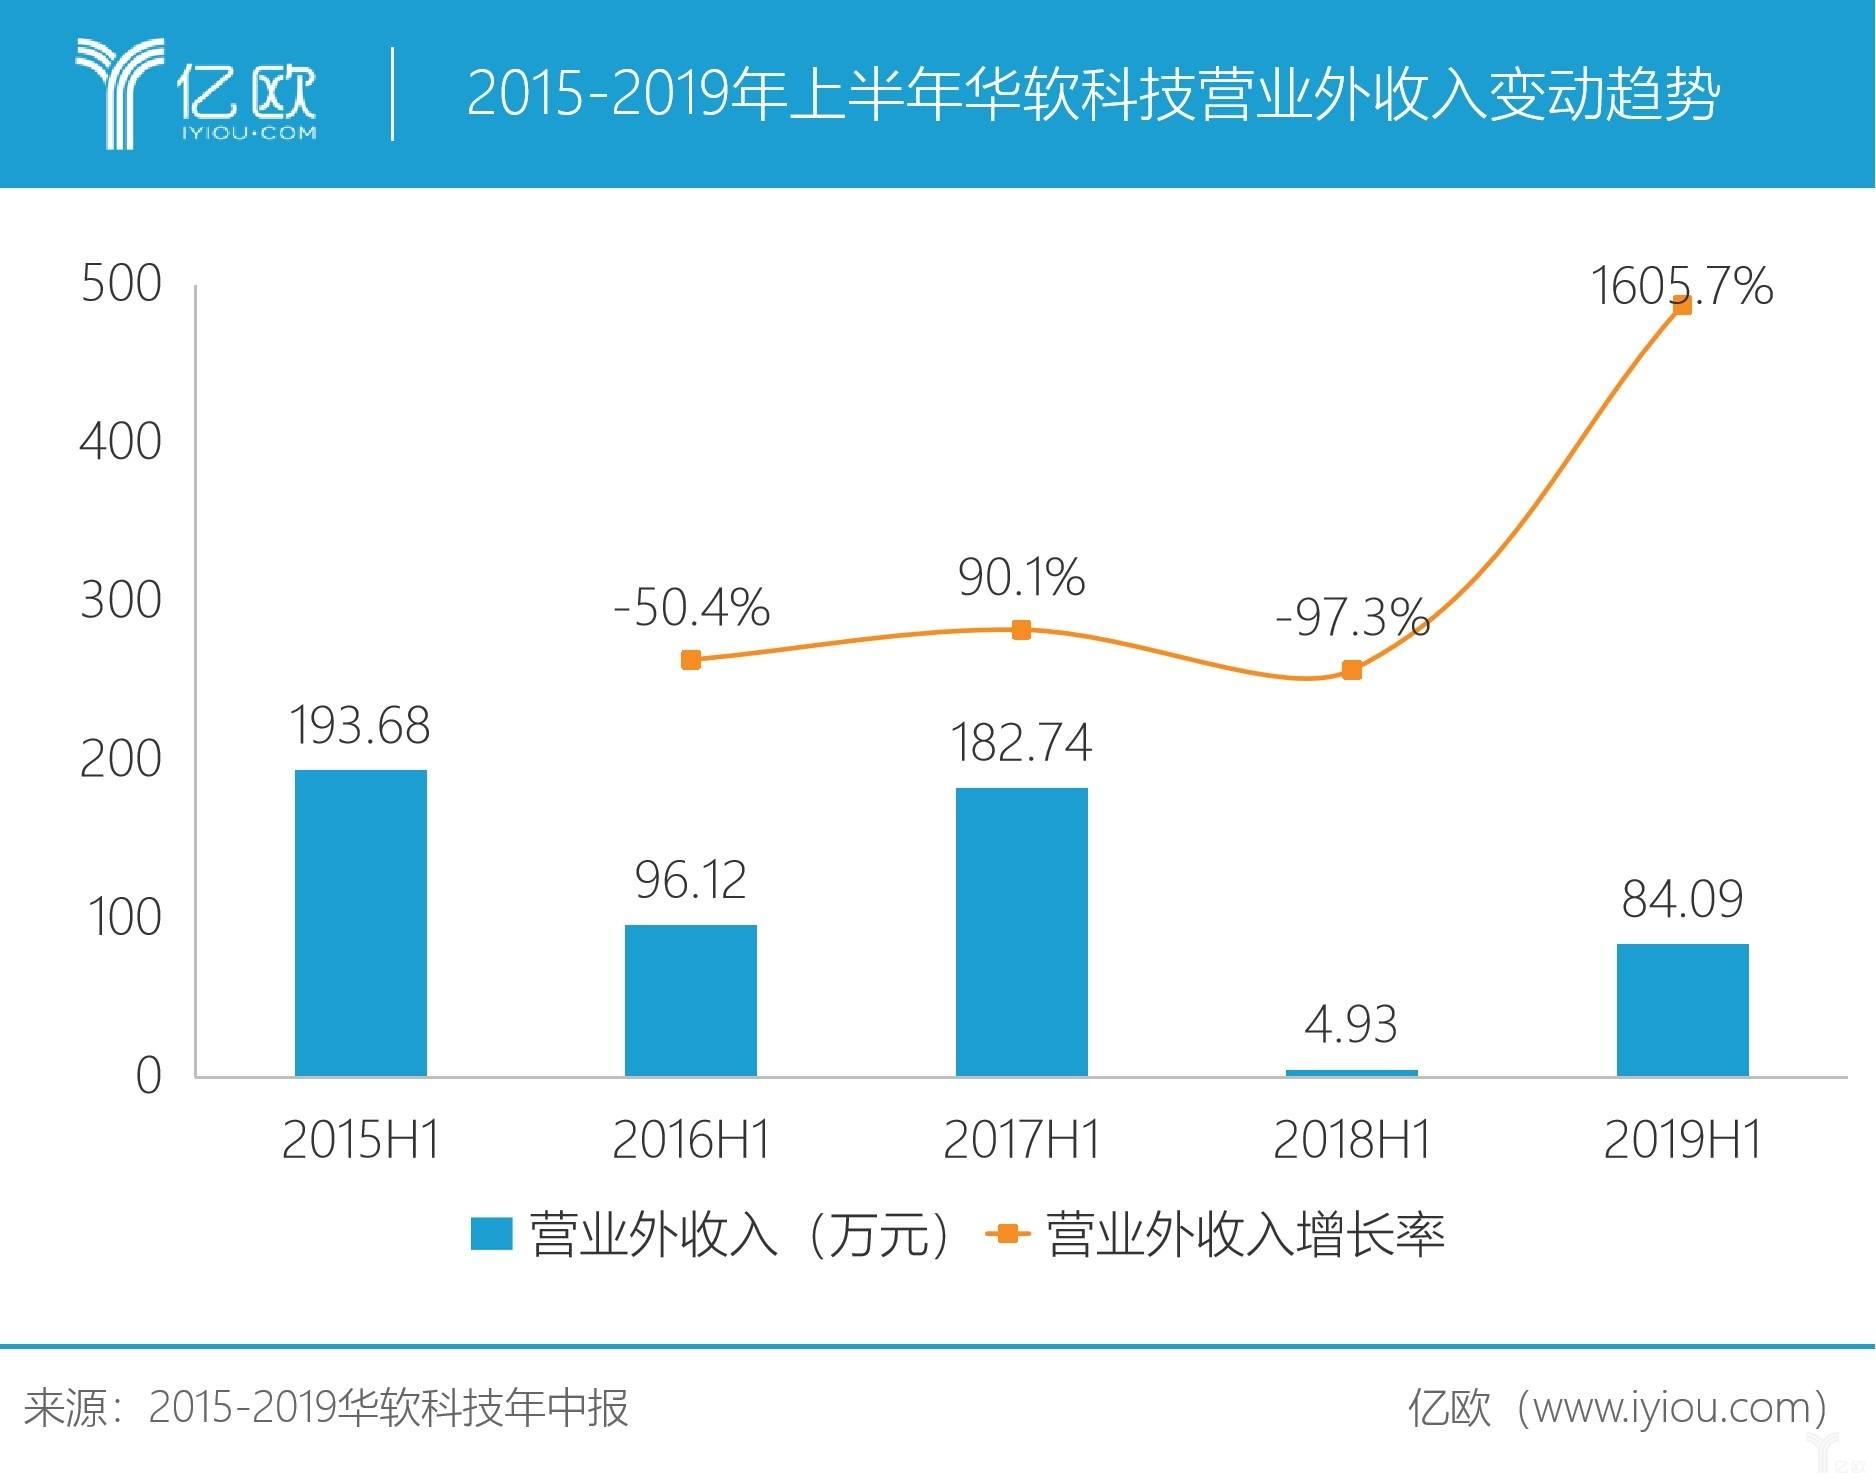 2015-2019年上半年华软科技营业外收入变动趋势